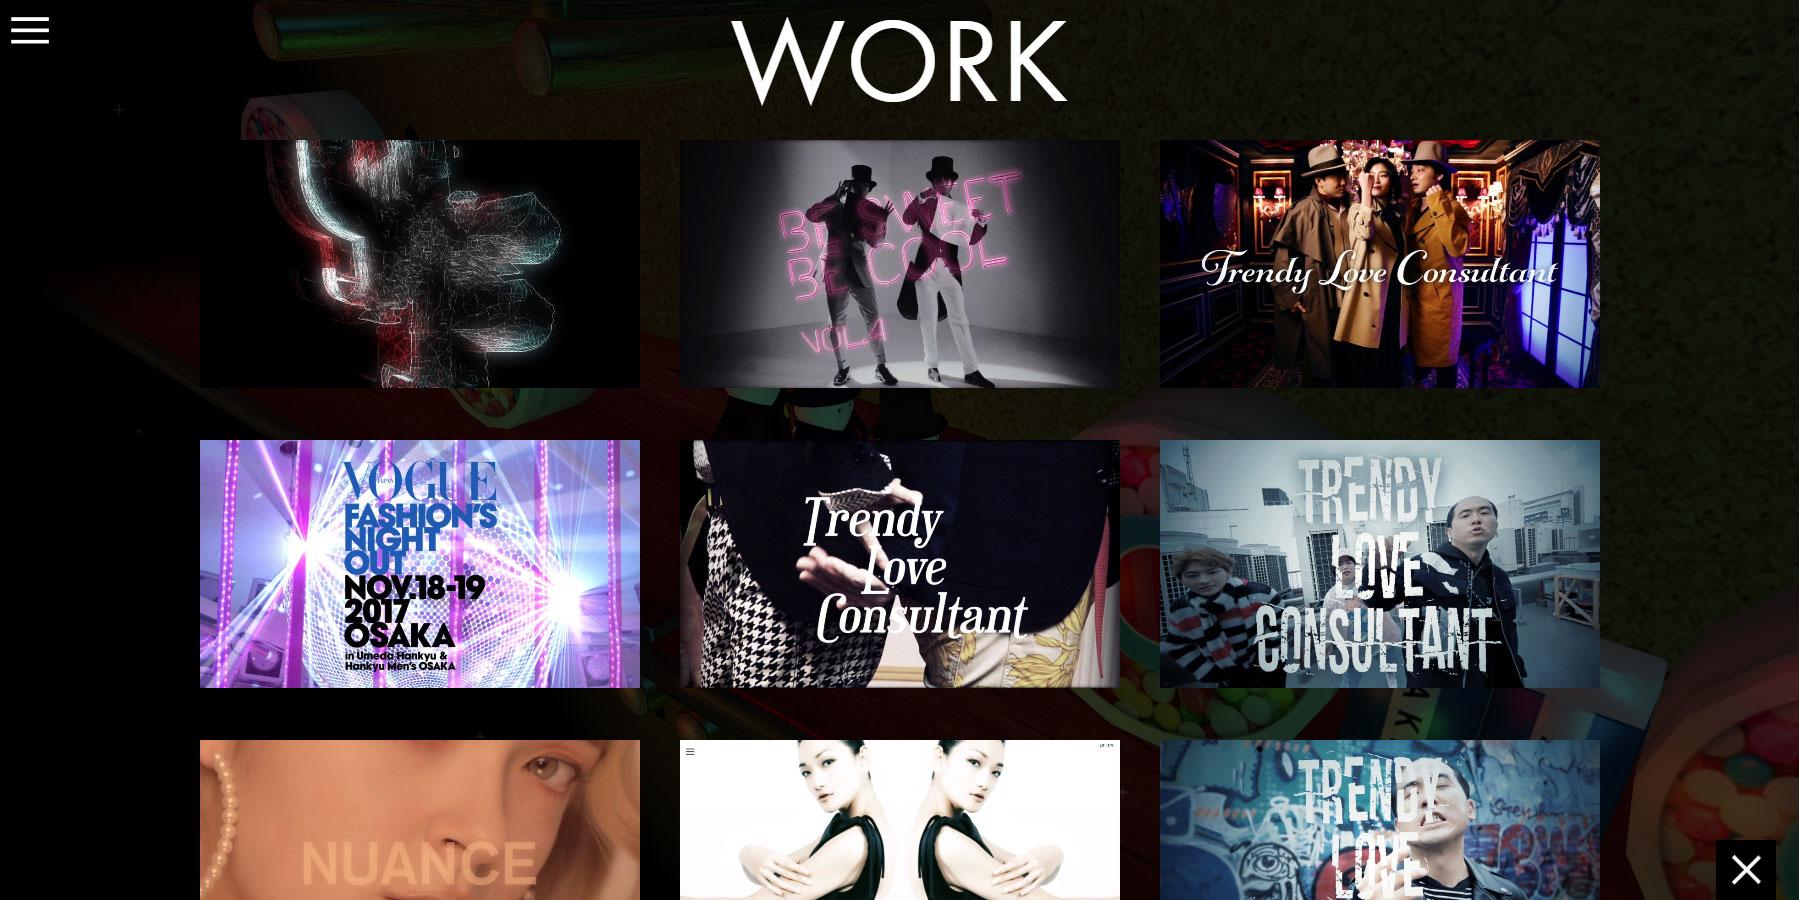 SRETKS.com - Website of the Day